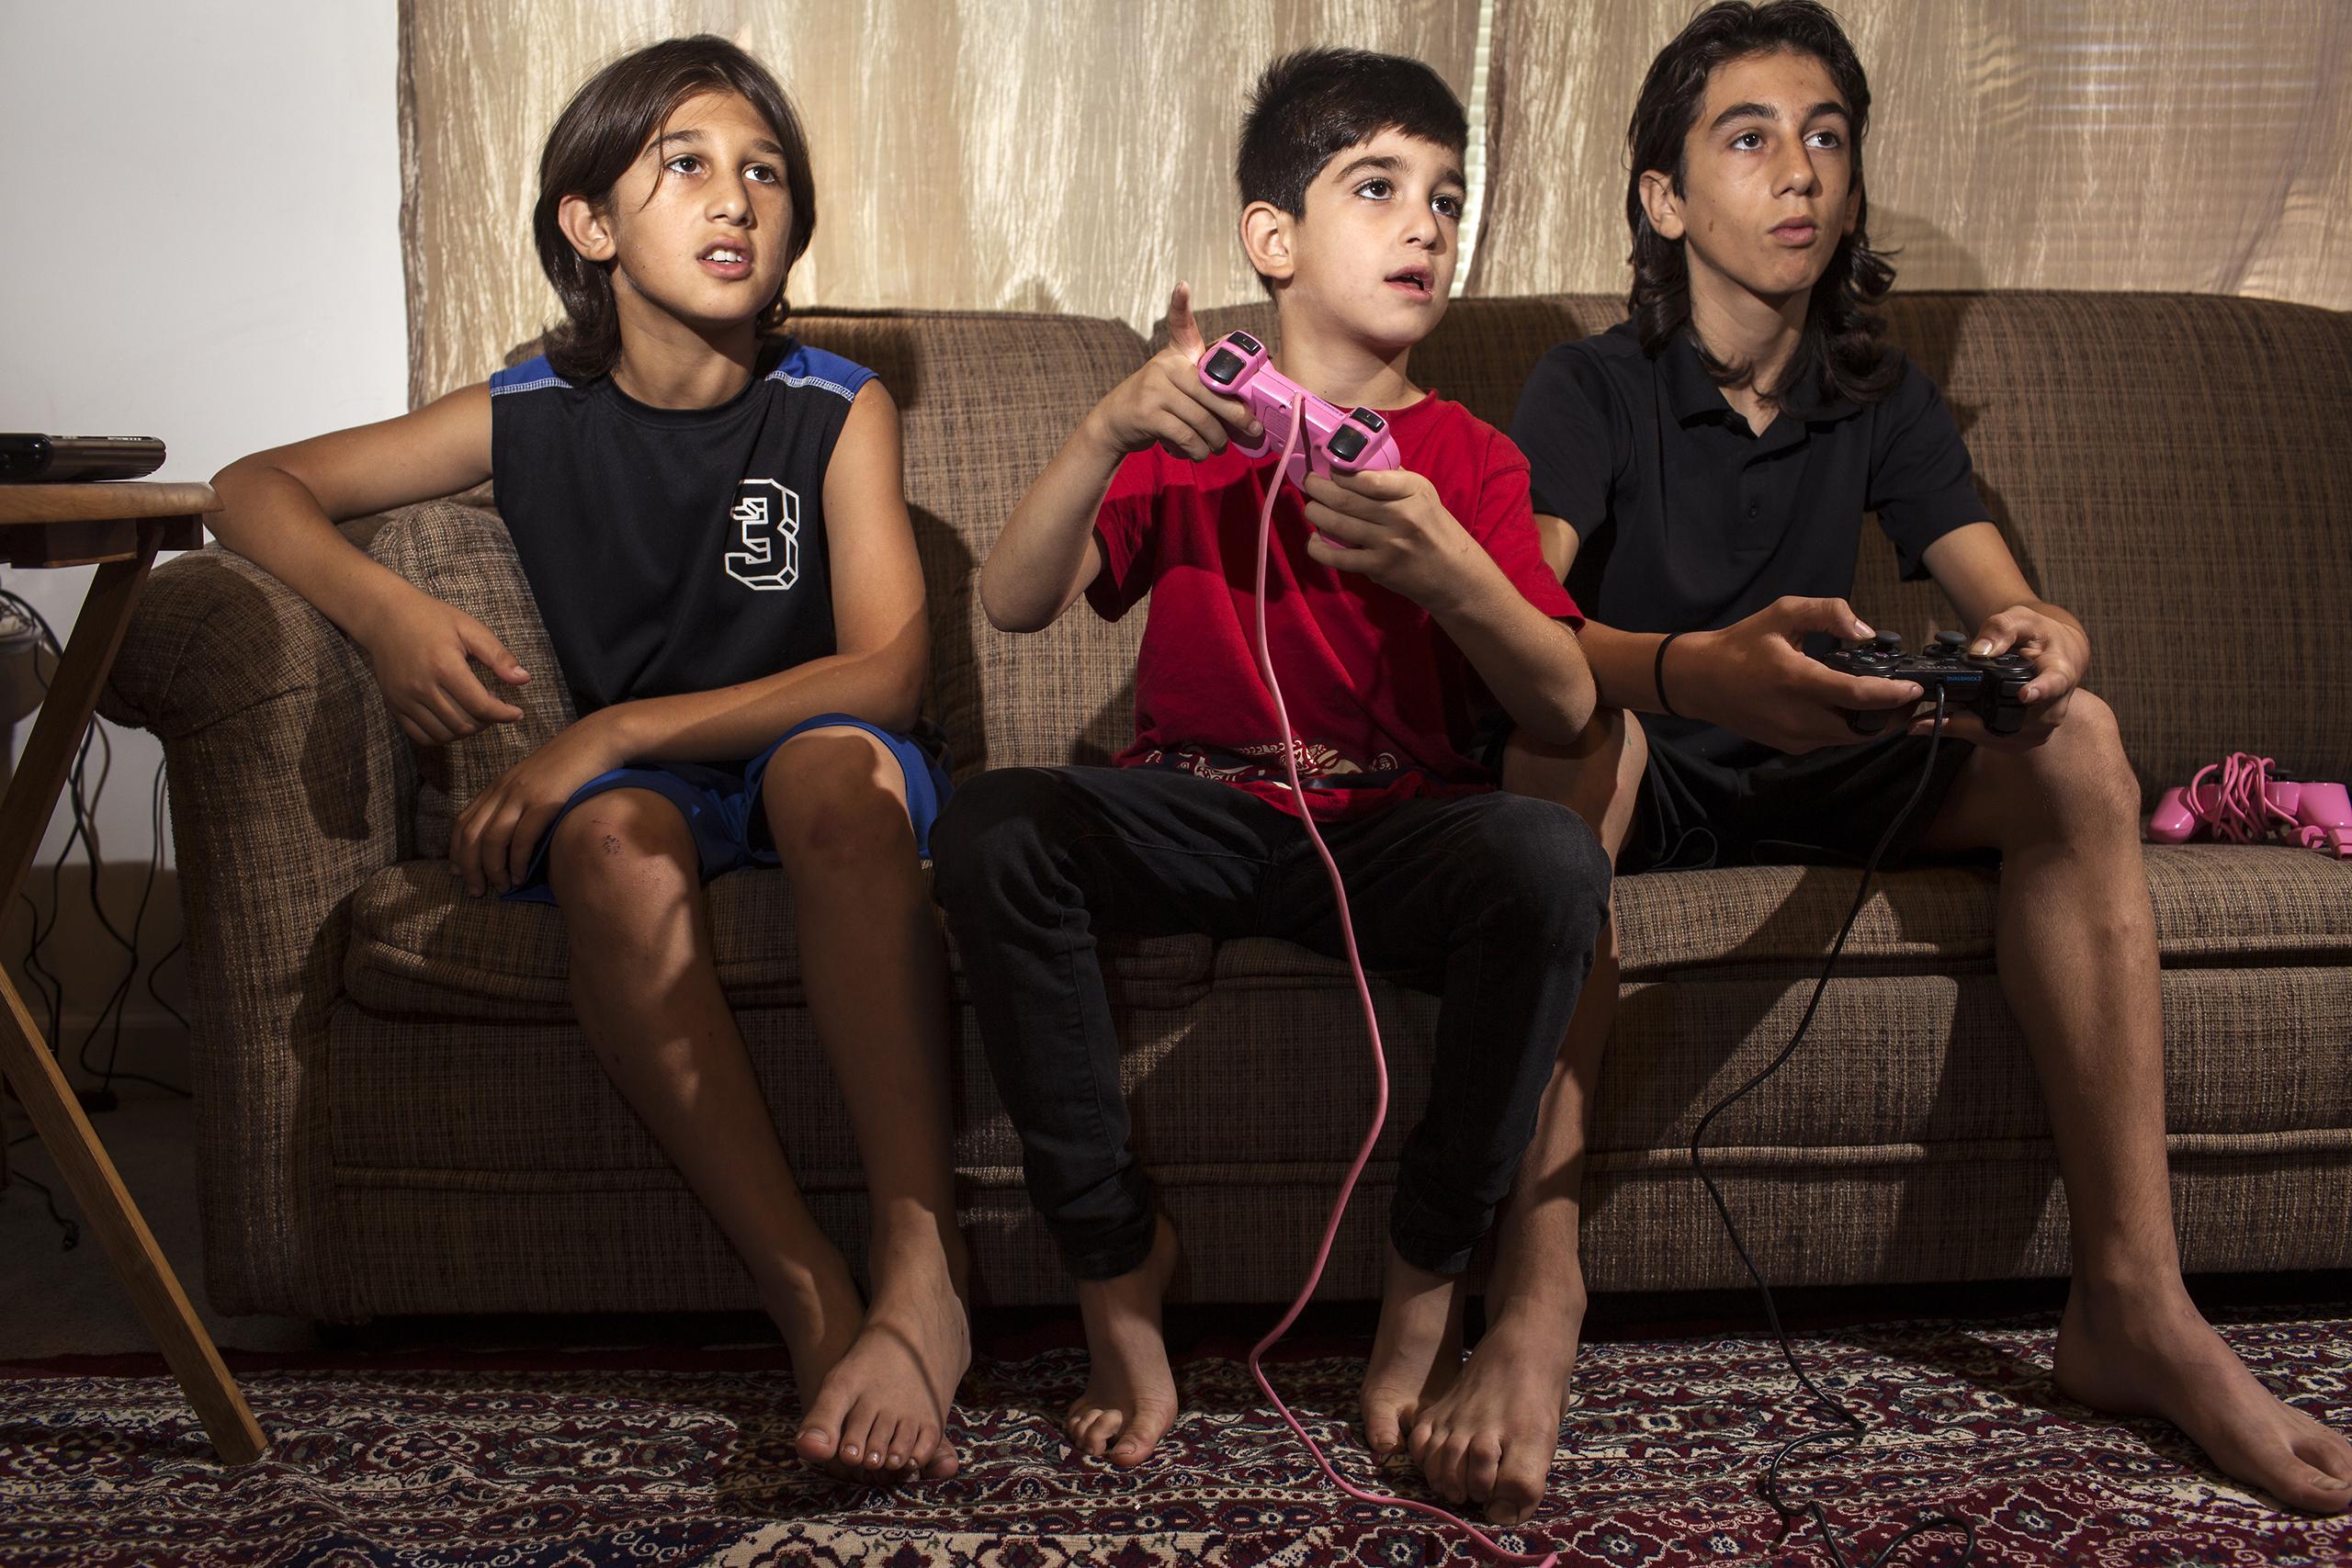 Haidar, Mutaz and Nazeer Tameem play video games at their apartment in Des Moines, Iowa.